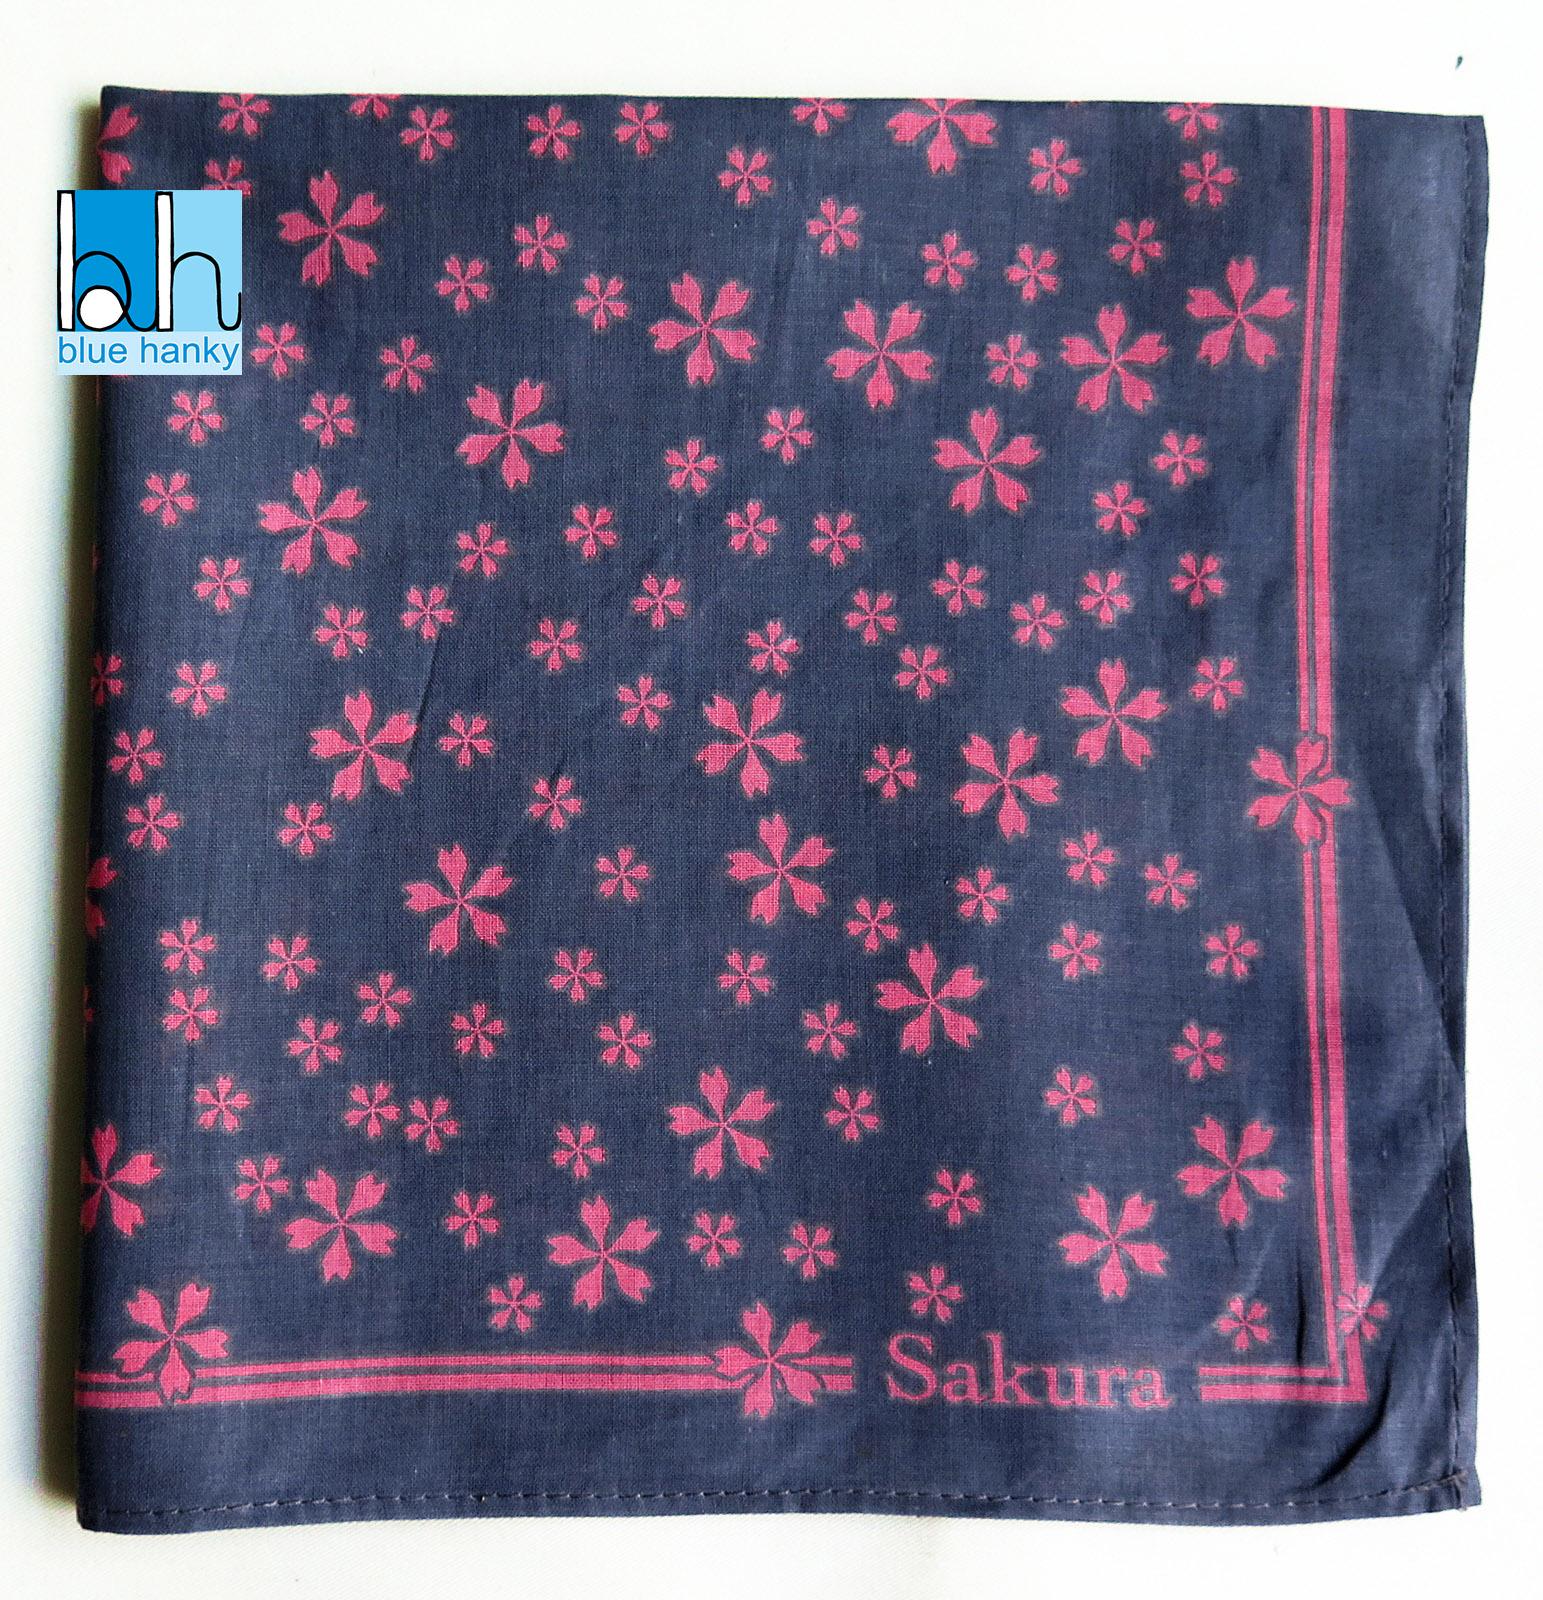 """#280 21"""" Sakura ผ้าเช็ดหน้ามือ2 สภาพดี ผ้าเช็ดหน้าผืนใหญ่"""